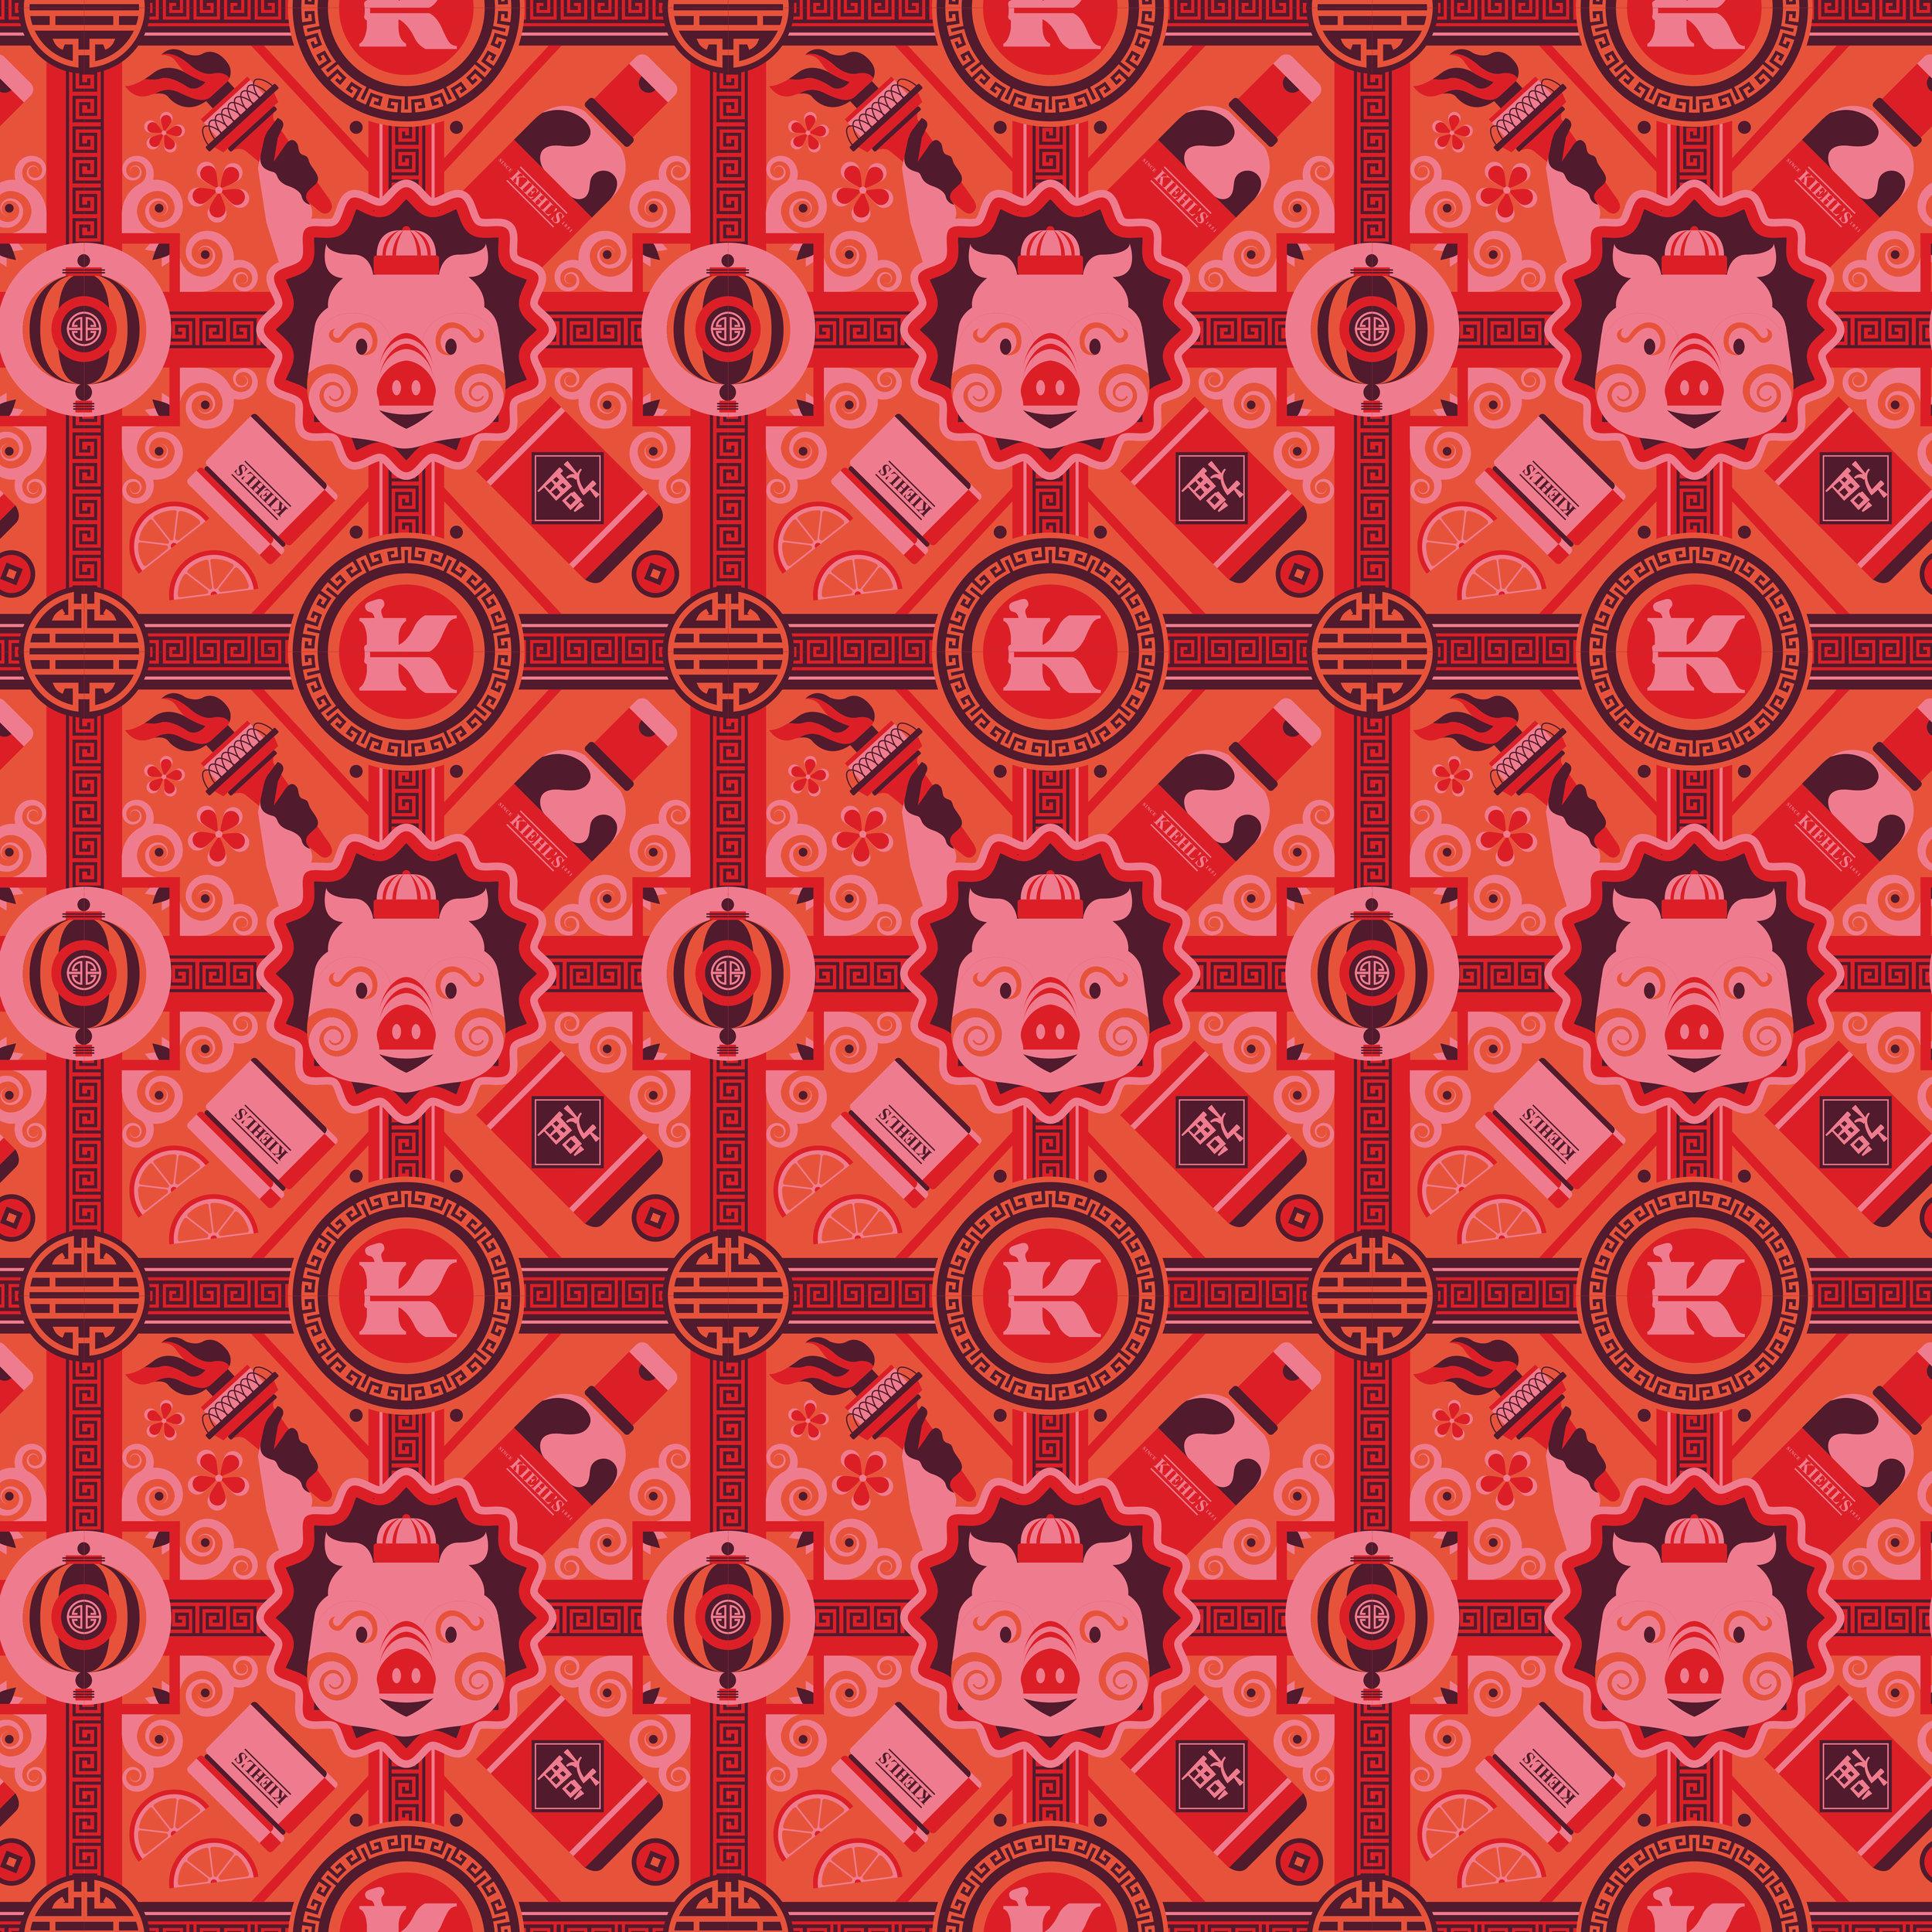 kiehls_pattern_red_mini.jpg